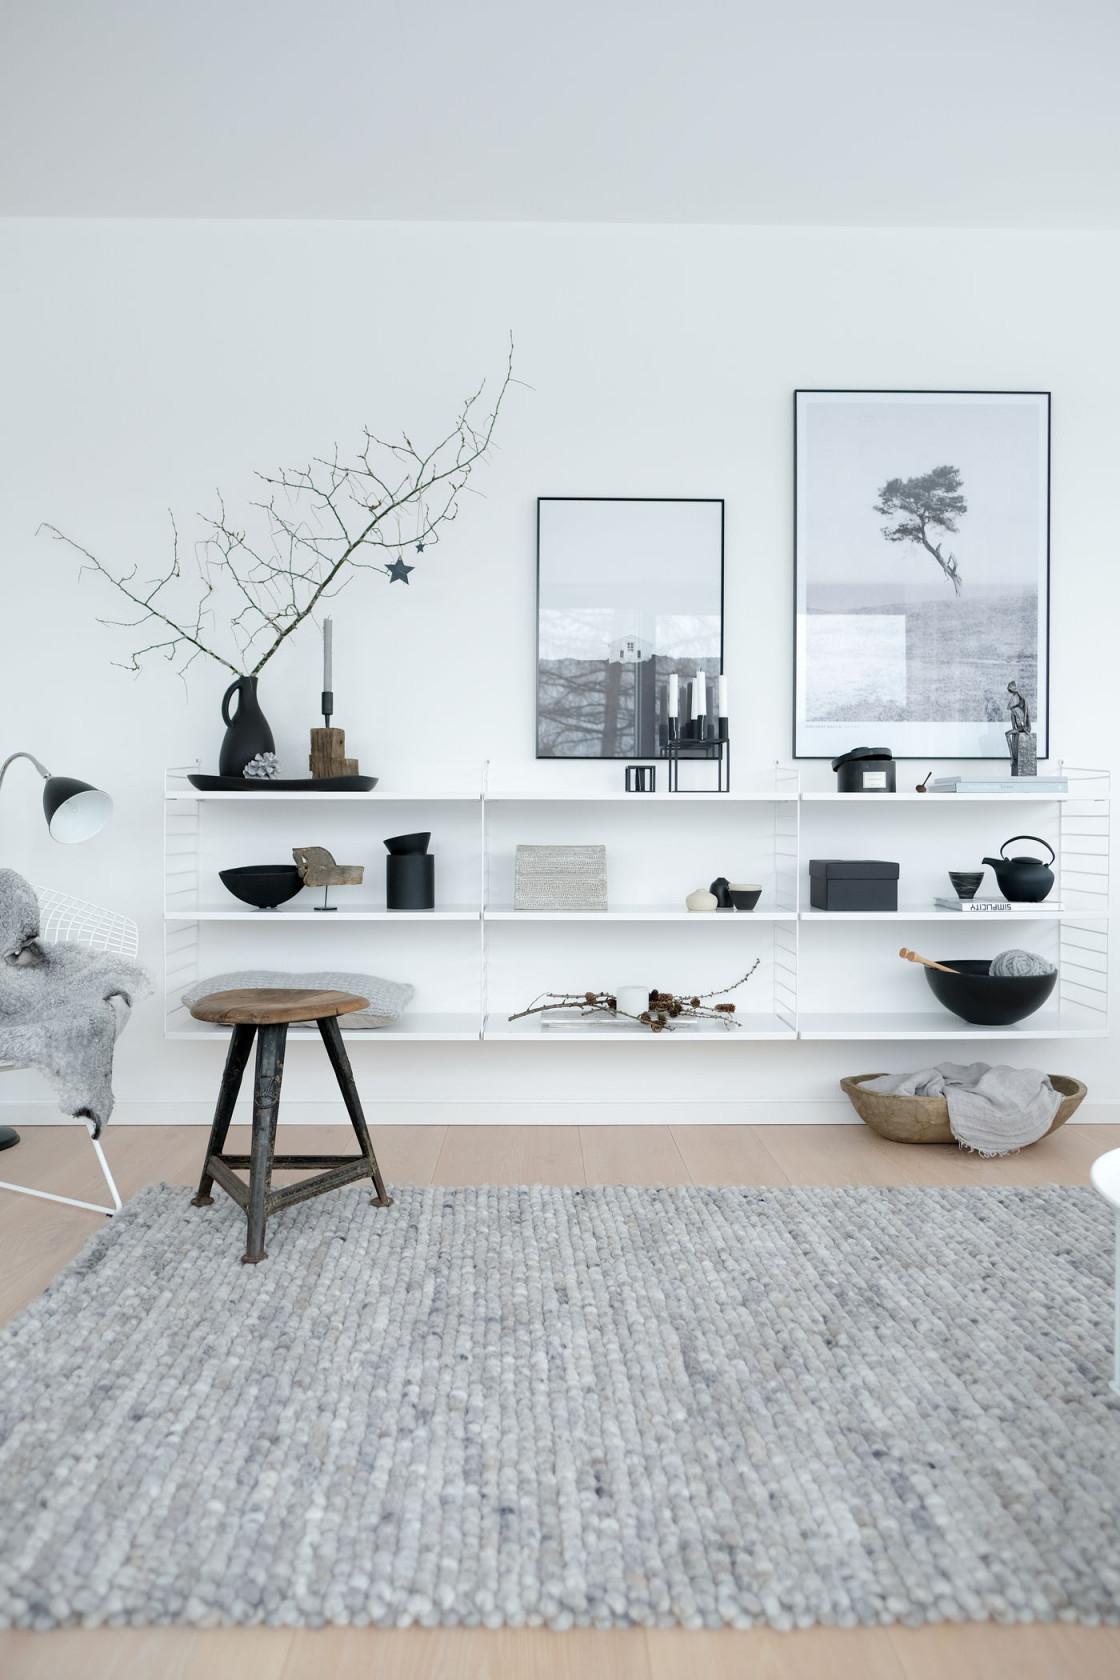 Die Schönsten Wohnideen Mit Regalen von Wandregal Wohnzimmer Ideen Bild